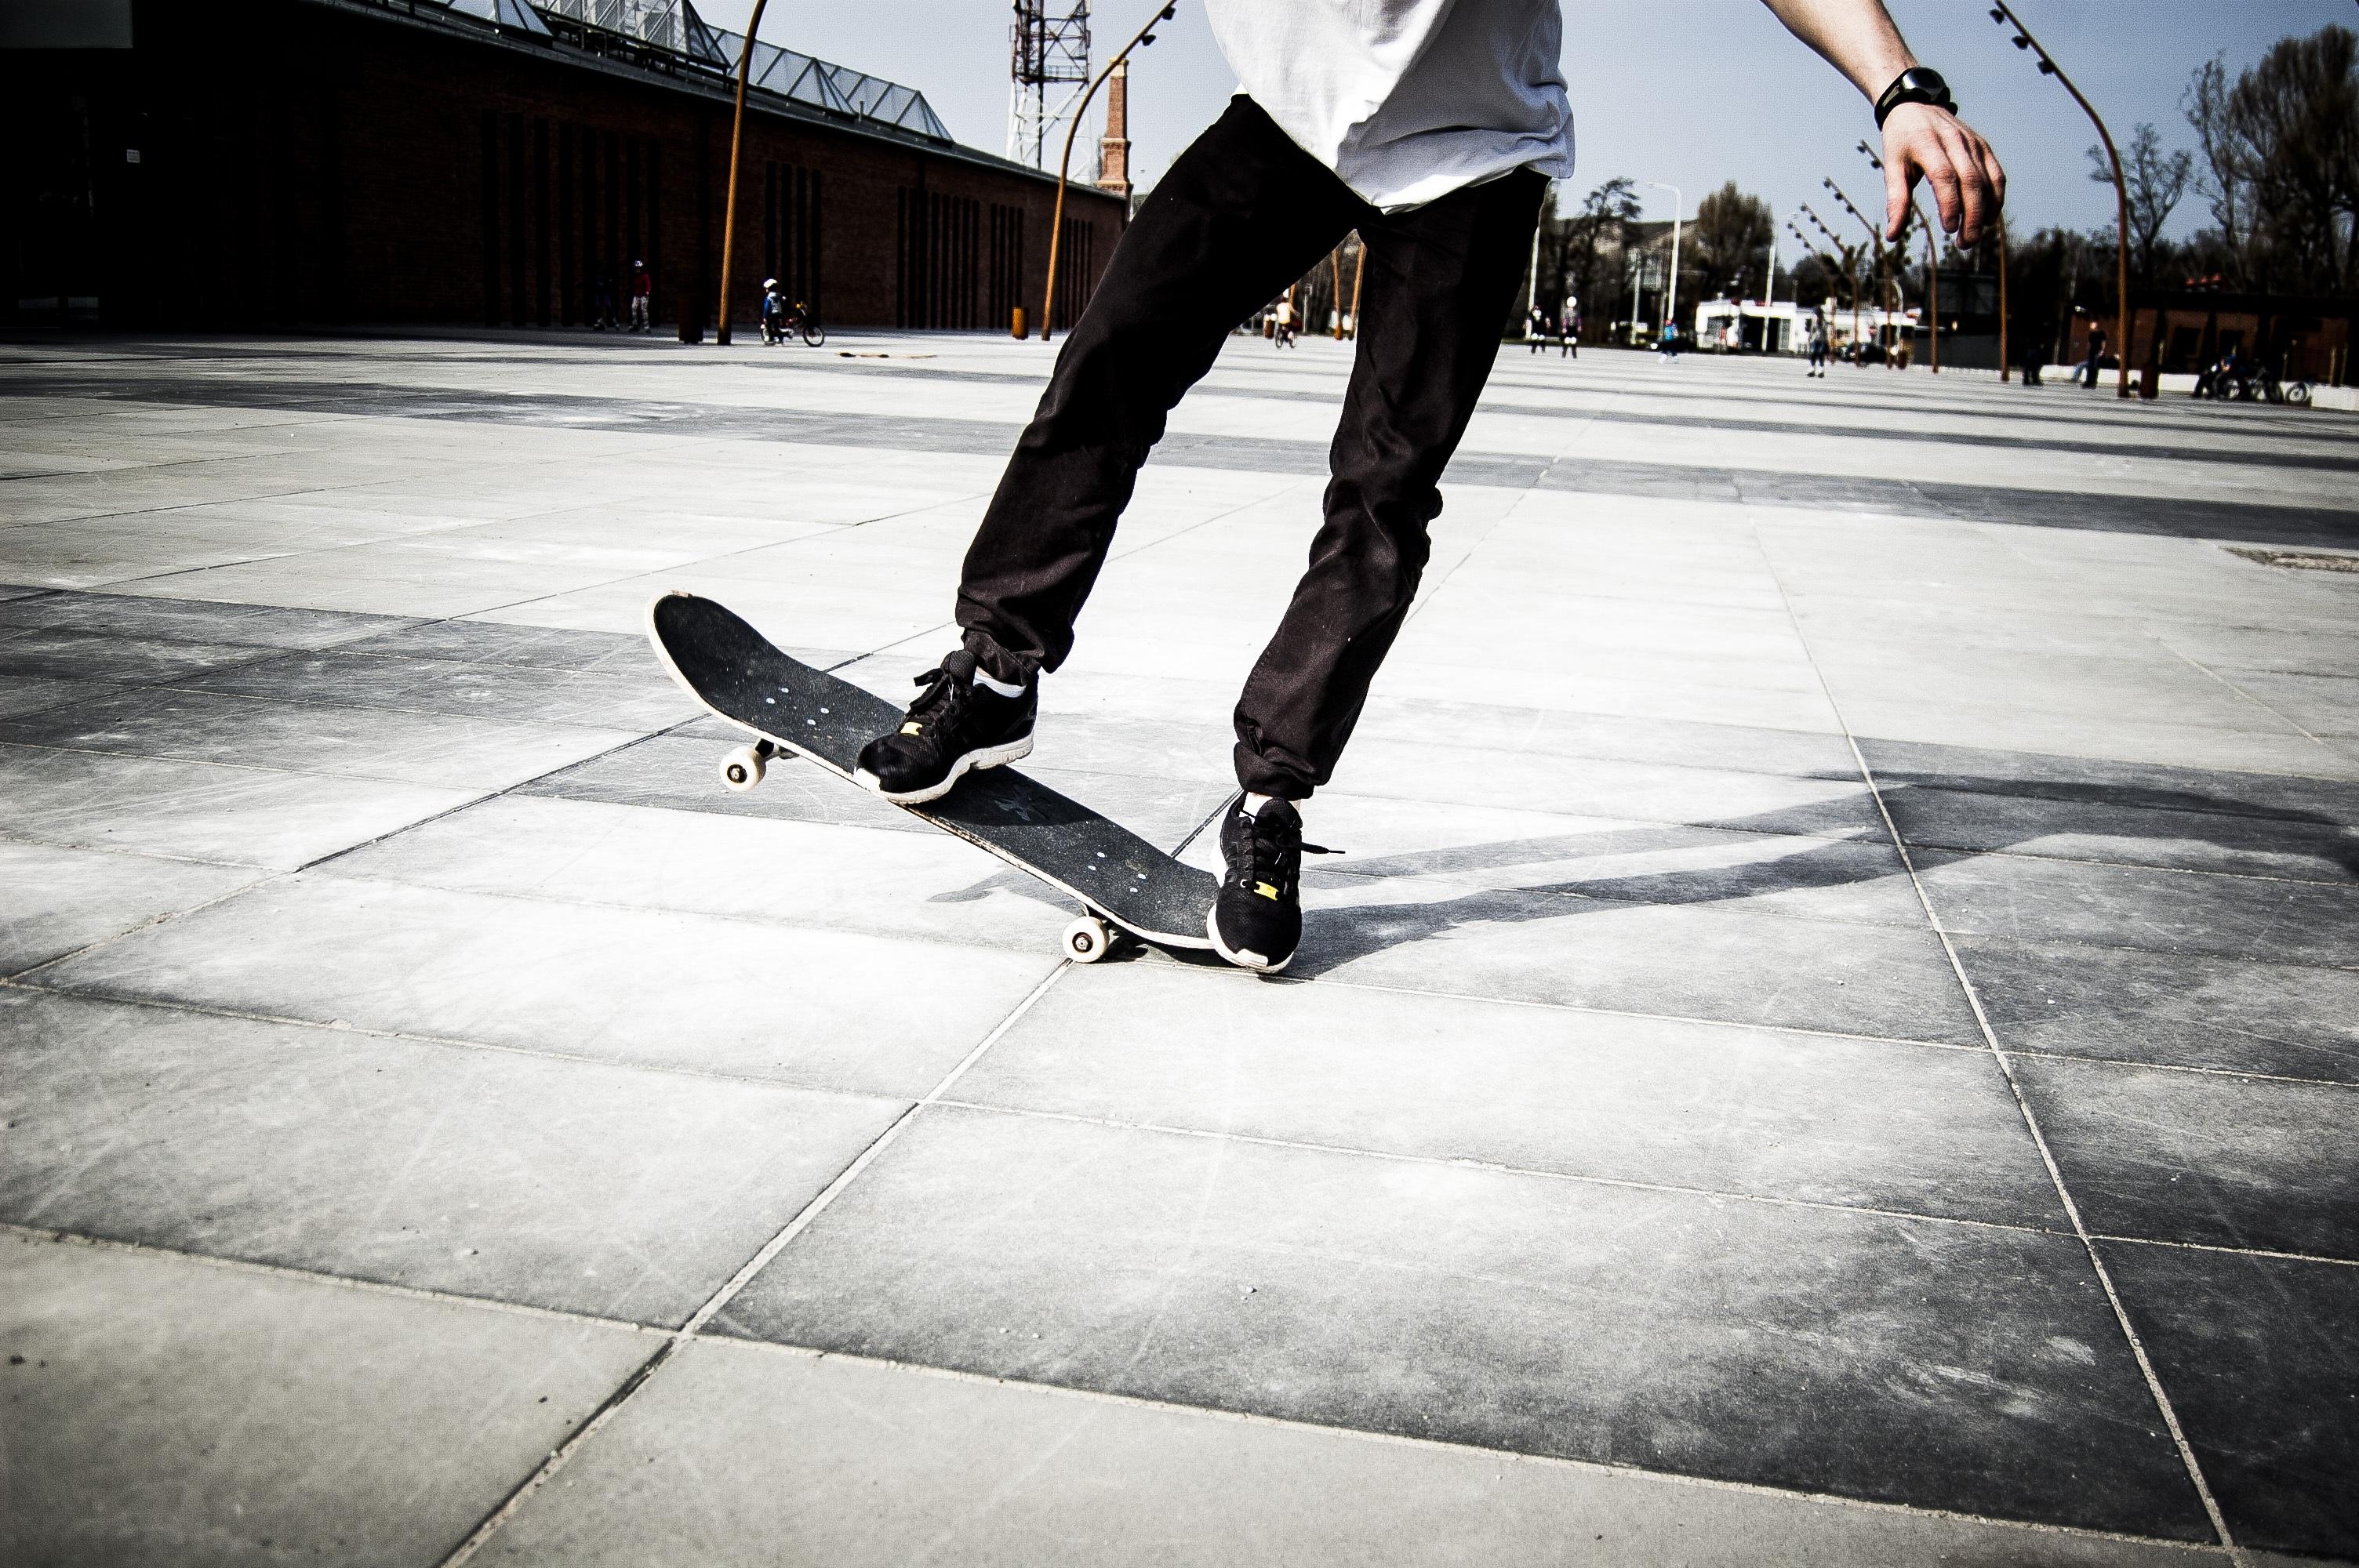 Açık hava etkinlikleri ve spor için moda spor pantolon Adidas